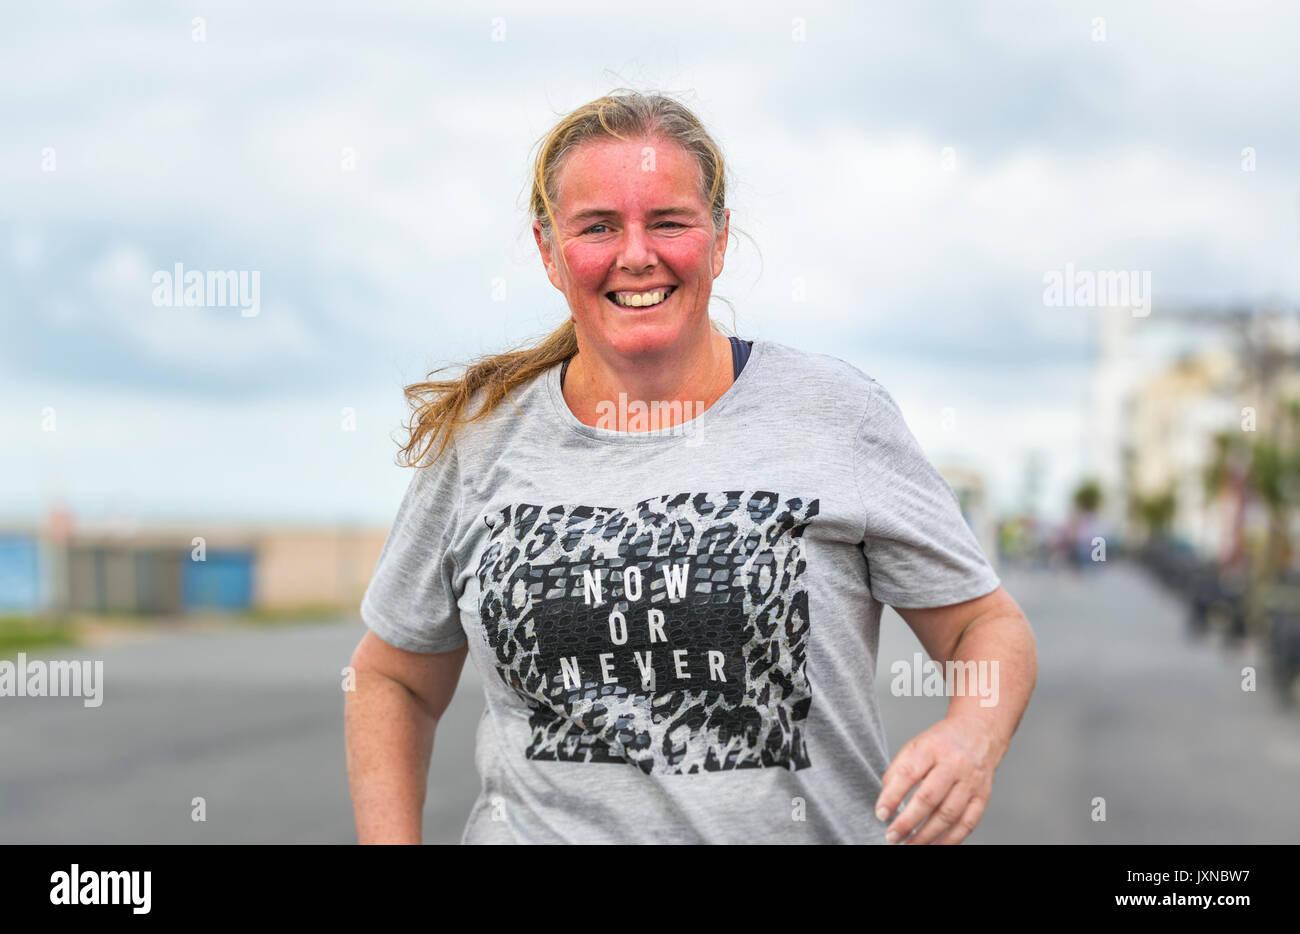 Femme d'âge moyen de l'embonpoint s'exécutant en tant que partie de plan pour perdre du poids et se mettre en forme, à la vitalité de l'événement Parkrun Worthing. Photo Stock